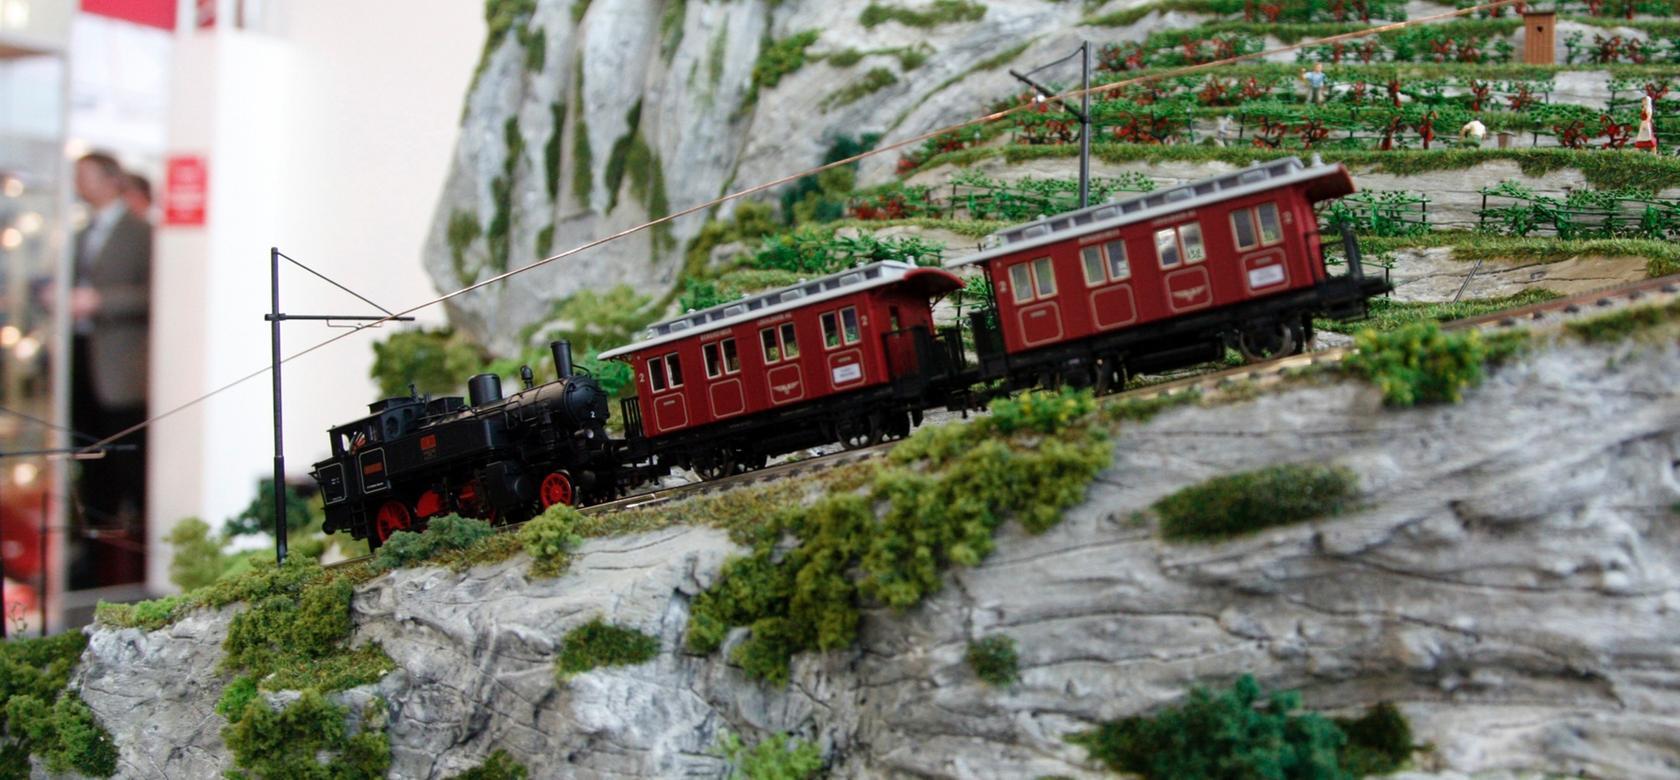 Fleischmann gehört seit 2008 zur österreichischen Modelleisenbahn Holding, unter deren Dach auch die Marke Roco vertrieben wird. Nun hat das Unternehmen einen Insovenzantrag gestellt.